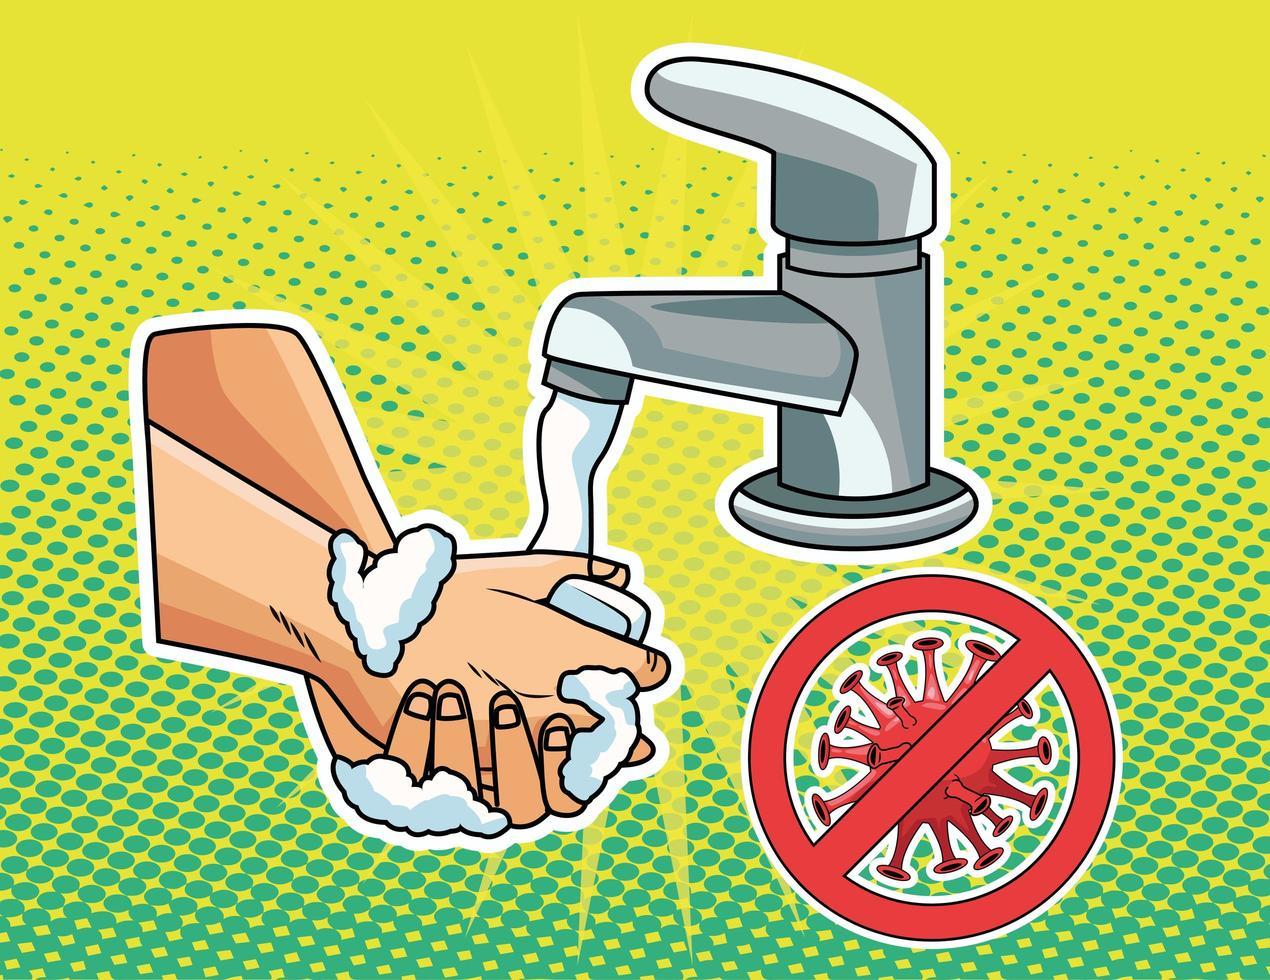 método de prevenção de lavagem das mãos vetor